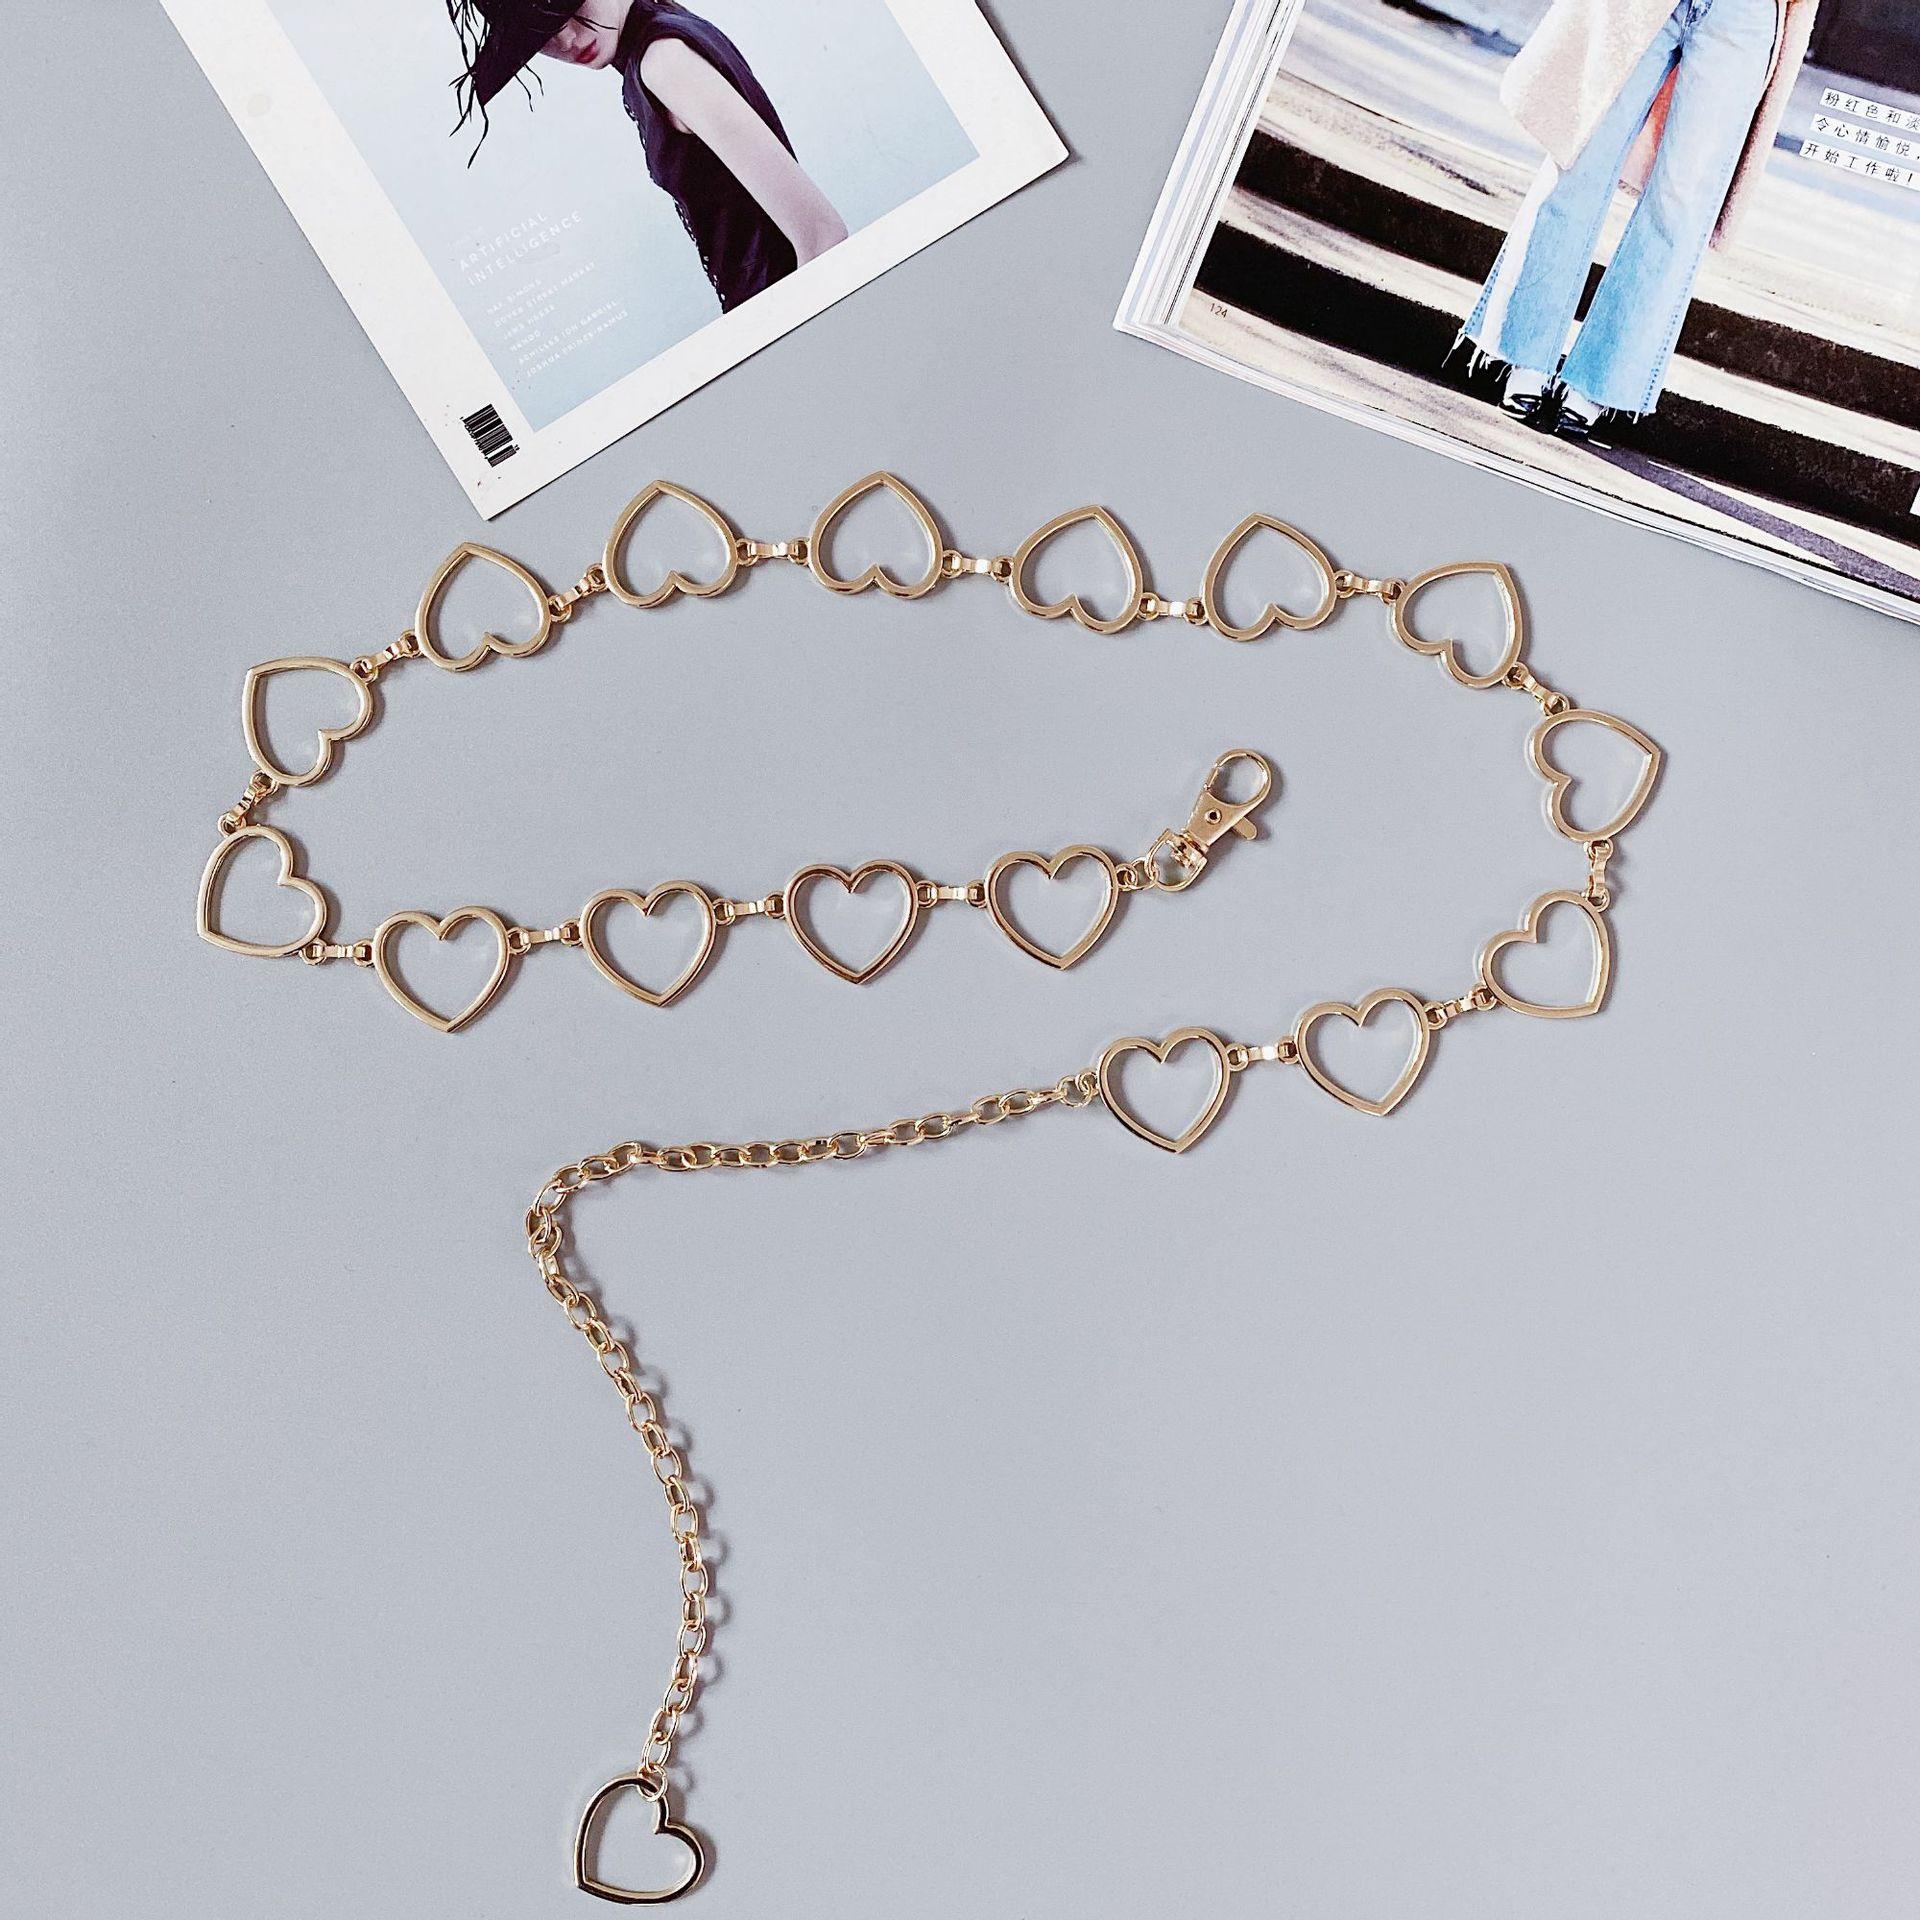 9786e222-be9b-4d8a-804f-d74961bb1c11 Heart Shaped Belt Chain Women Fashion Circle Metal Waist Chain